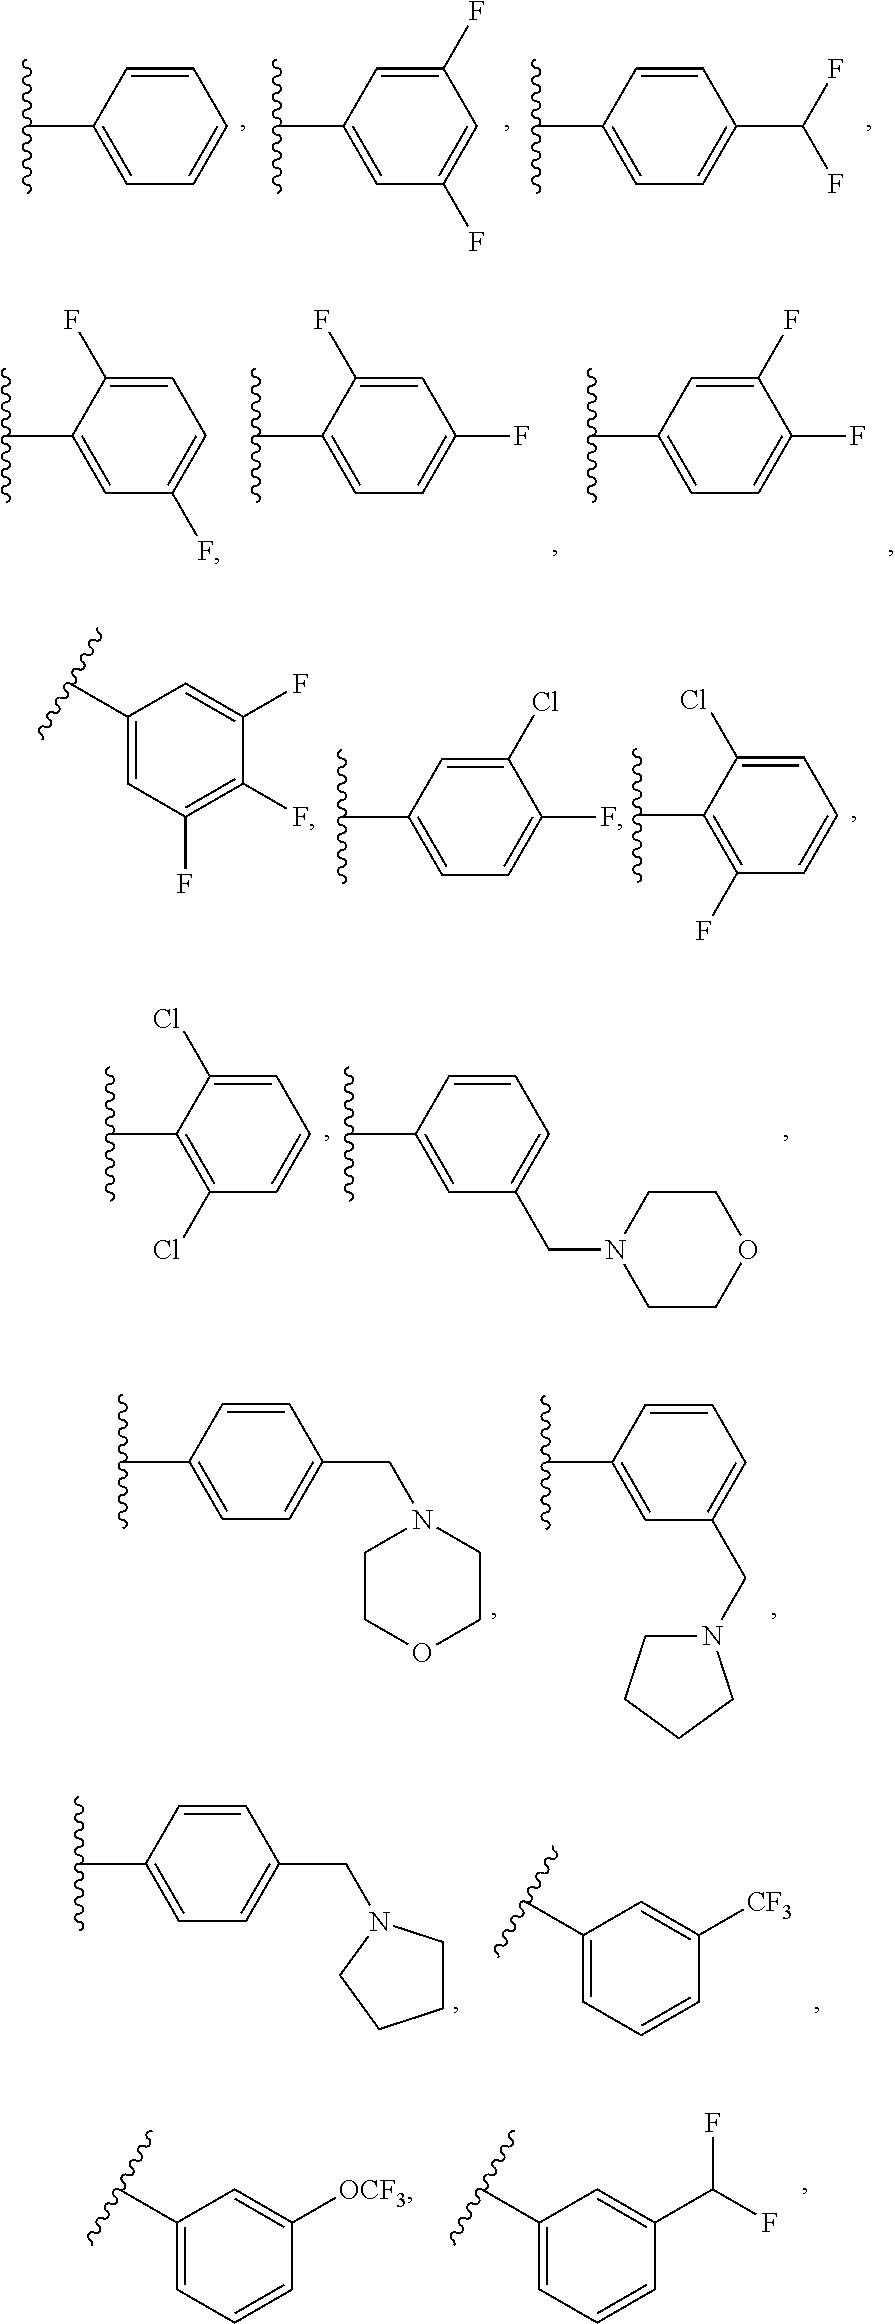 Figure US09326986-20160503-C00028